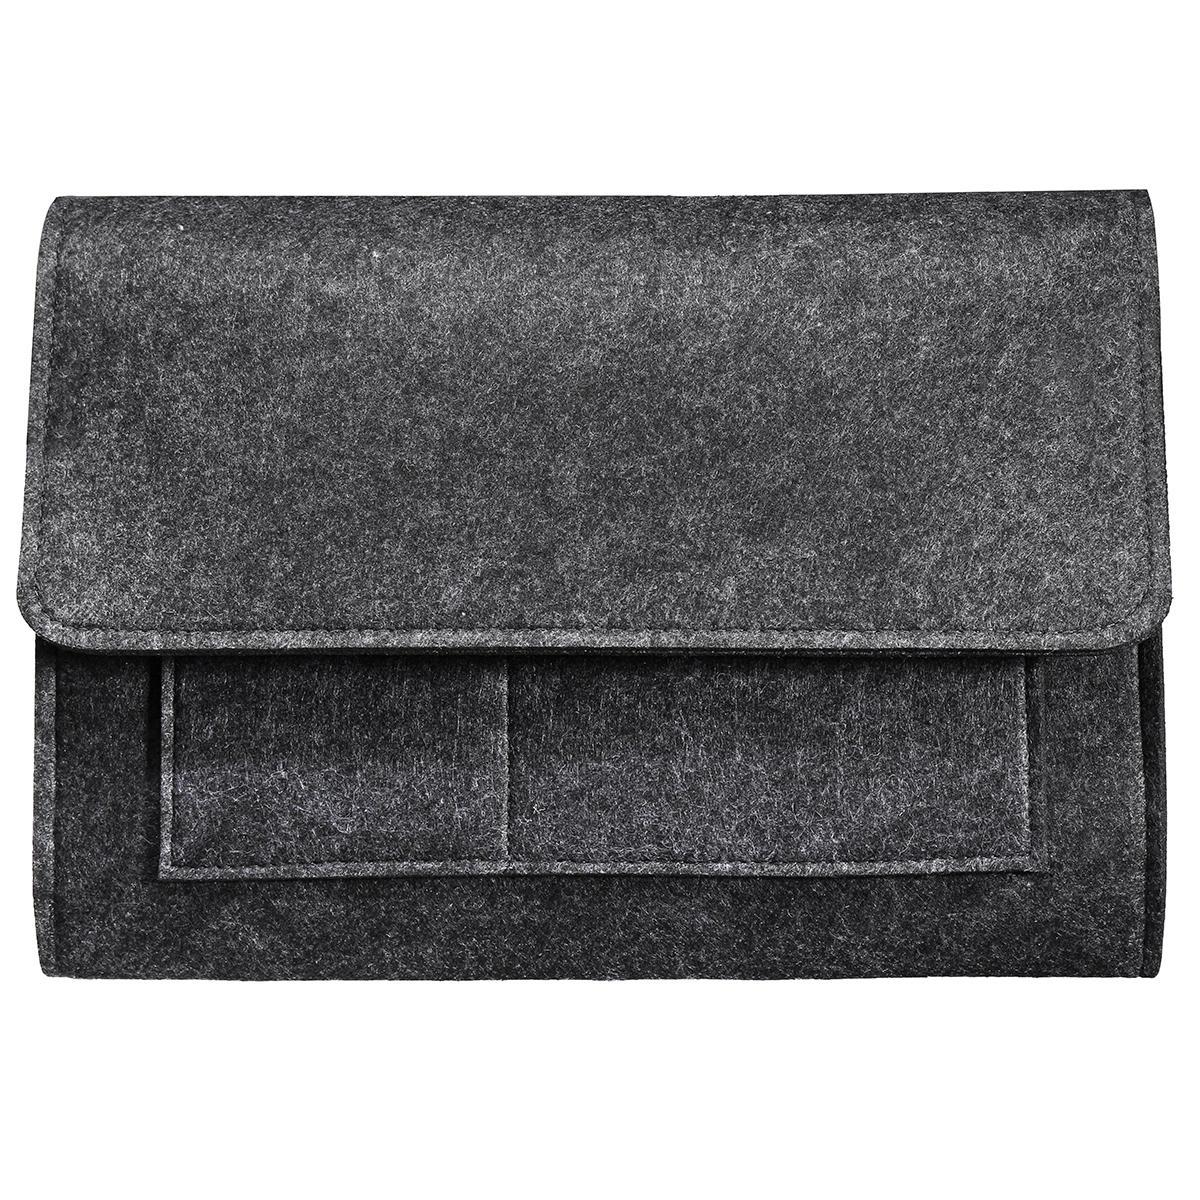 Bedside Storage Pocket Hanging Bag Felt Sofa Book Organizer Remote Home Holder